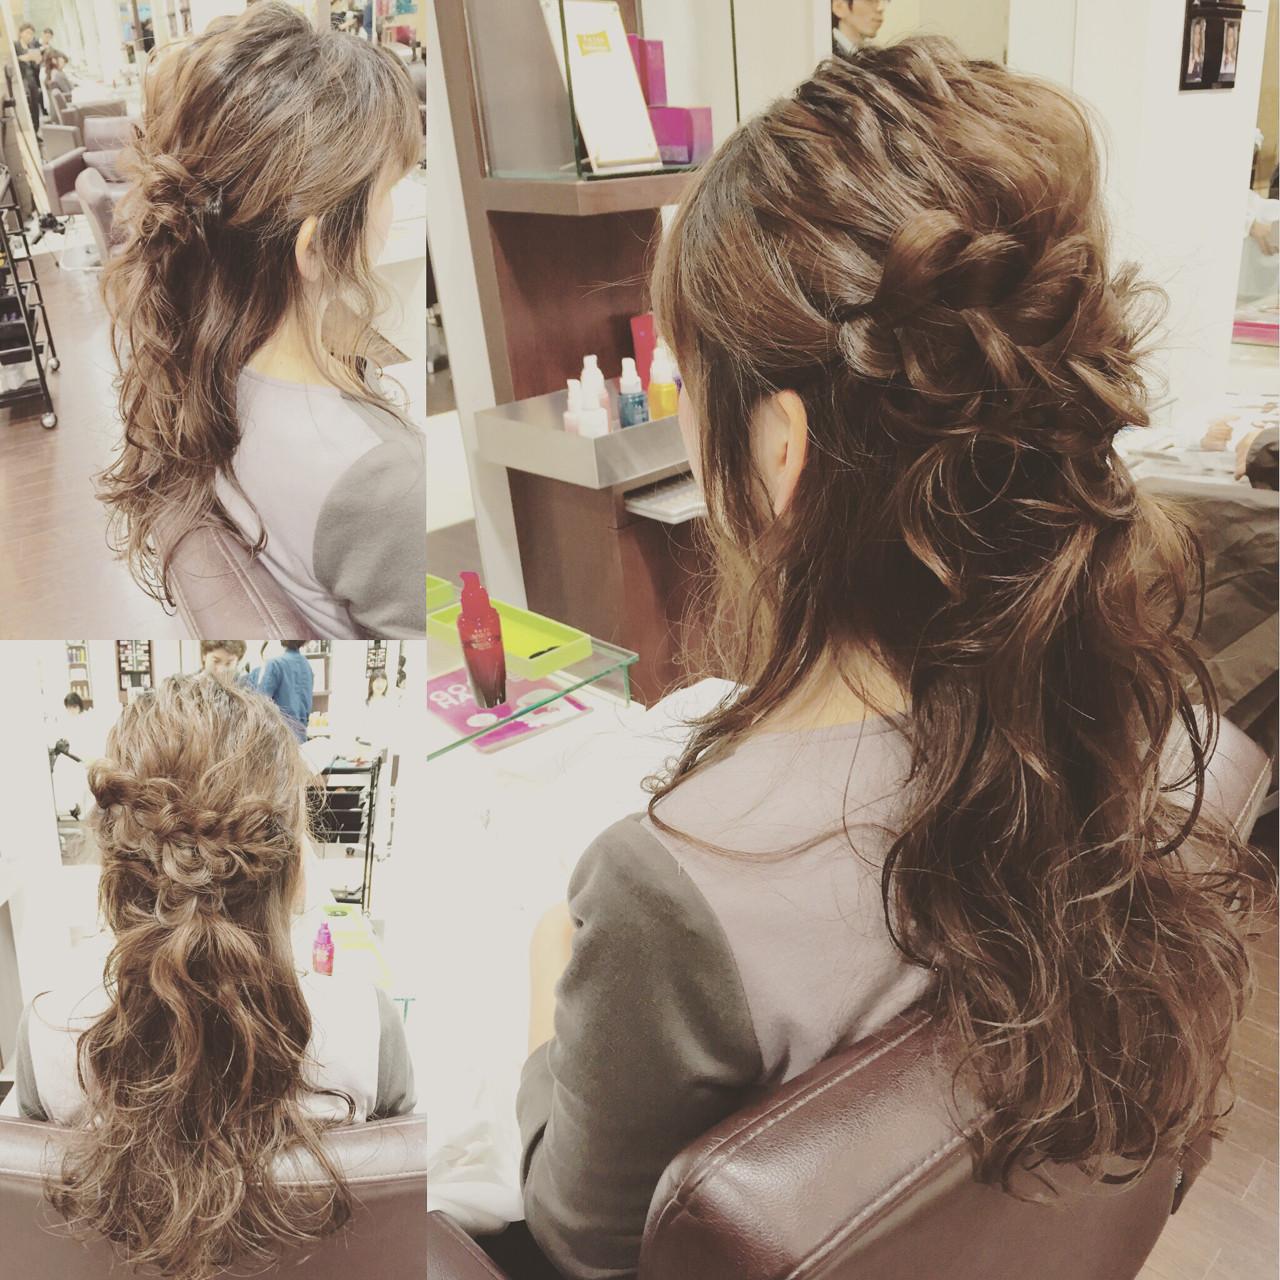 簡単ヘアアレンジ ロング ハーフアップ ヘアアレンジ ヘアスタイルや髪型の写真・画像 | 稲野 剛 / pikaichi 熊本上通り店